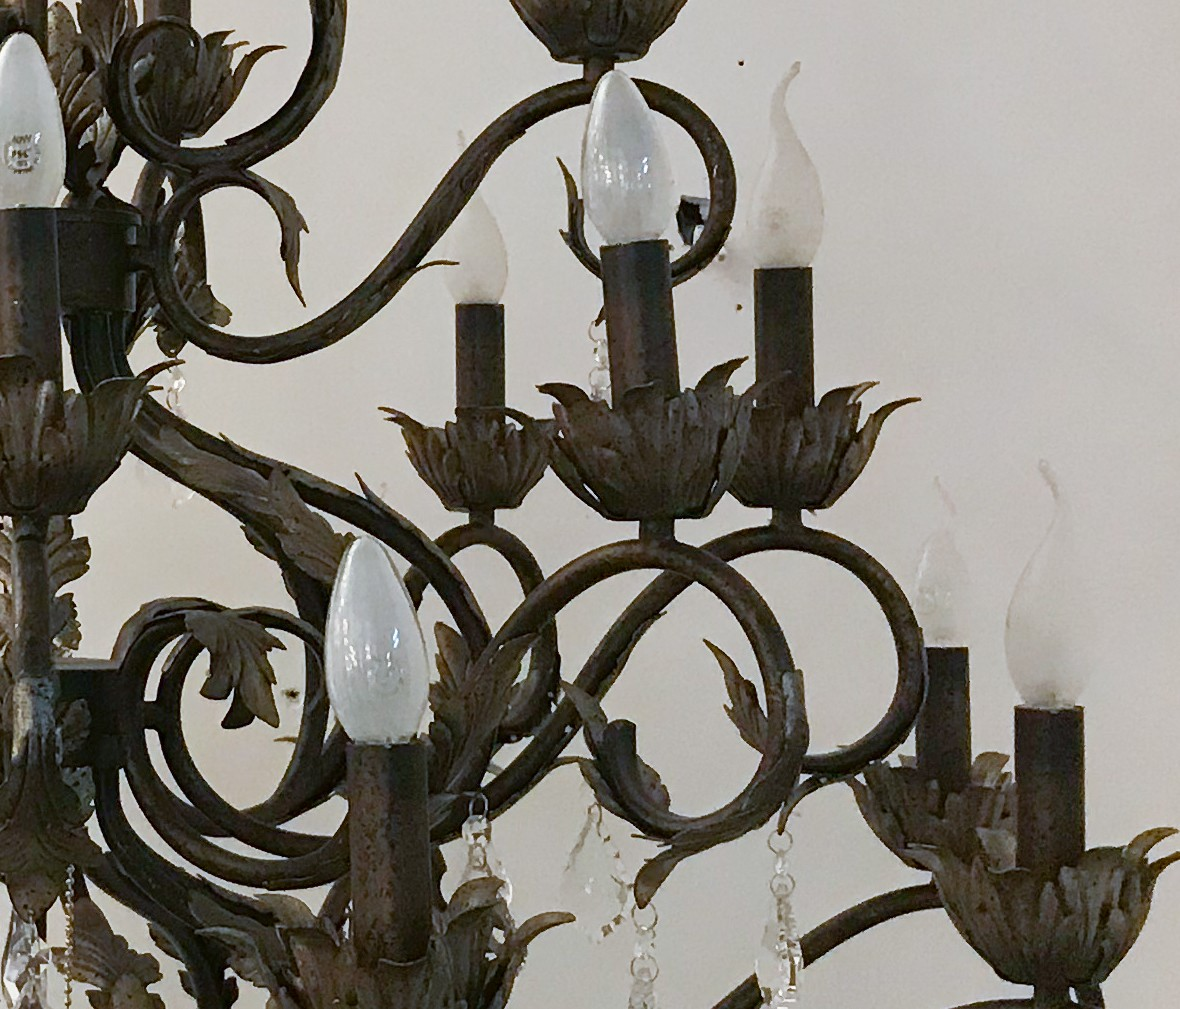 诺克照明 SY12685-20型号吊灯 铁艺材质欧式吊灯不含光源 图片、价格、品牌、评测样样齐全!【蓝景商城正品行货,蓝景丽家大钟寺家居广场提货,北京地区配送,领券更优惠,线上线下同品同价,立即购买享受更多优惠哦!】